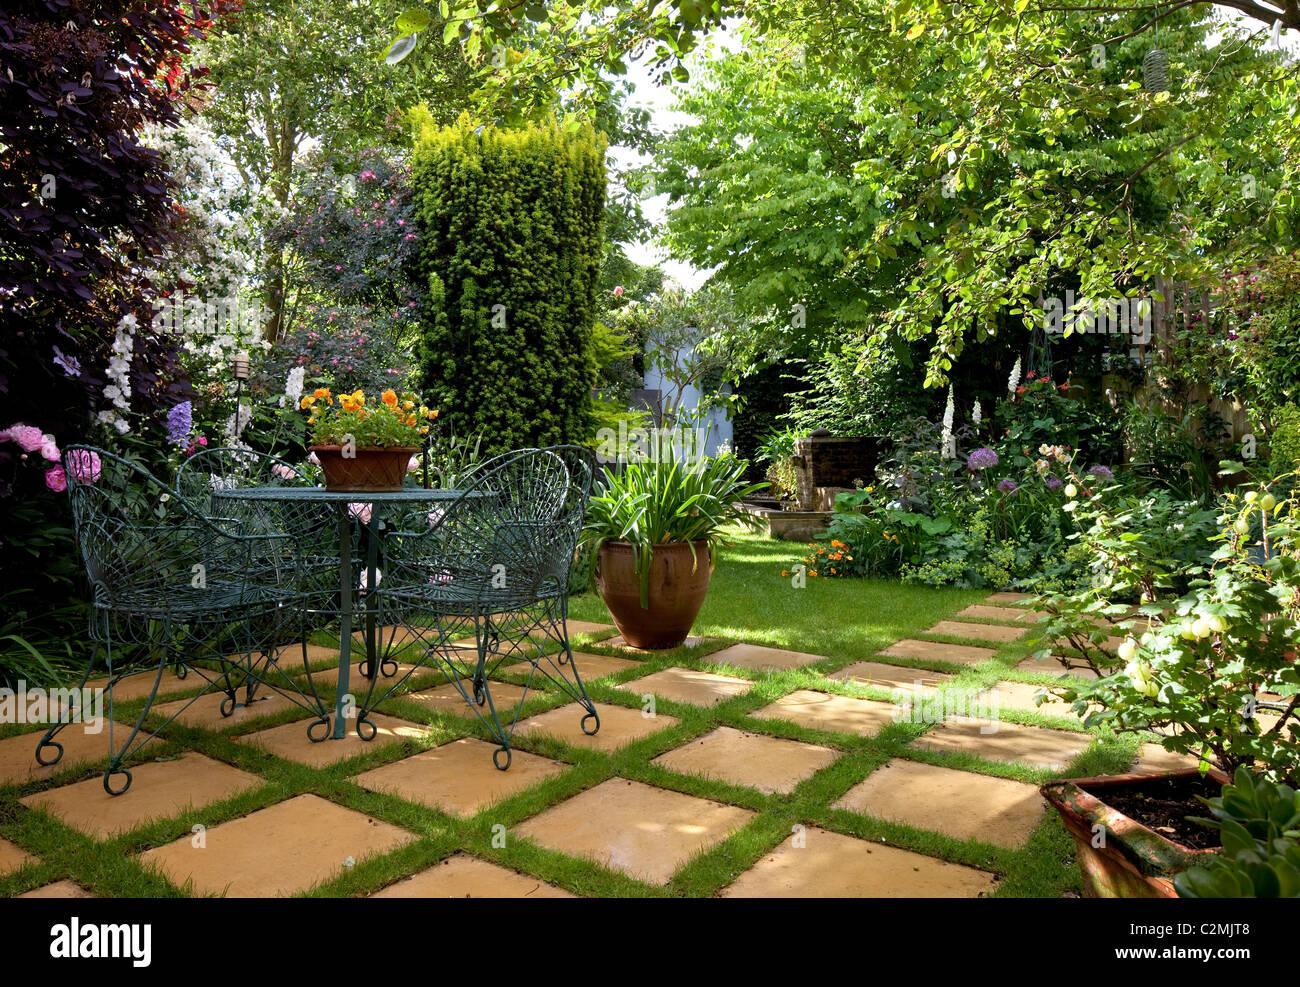 Giardino suburbano. Filo mobili da giardino sulla scacchiera pavimentazione in pietra ed erba tra verde e lussureggiante Immagini Stock